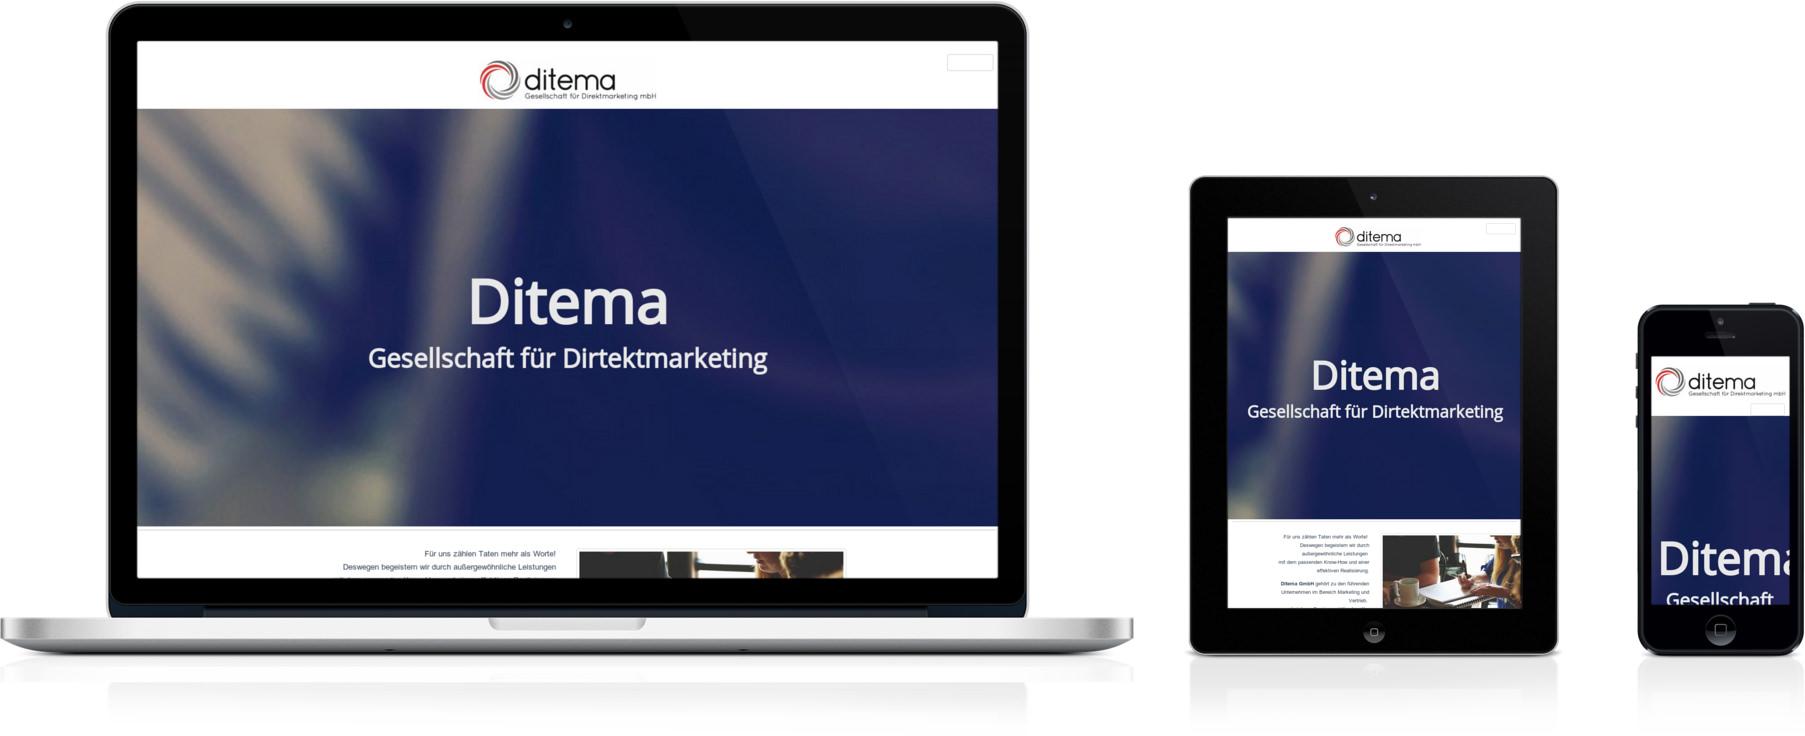 Ditema.de, geöffnet auf Laptop, Smartphone und Tablet